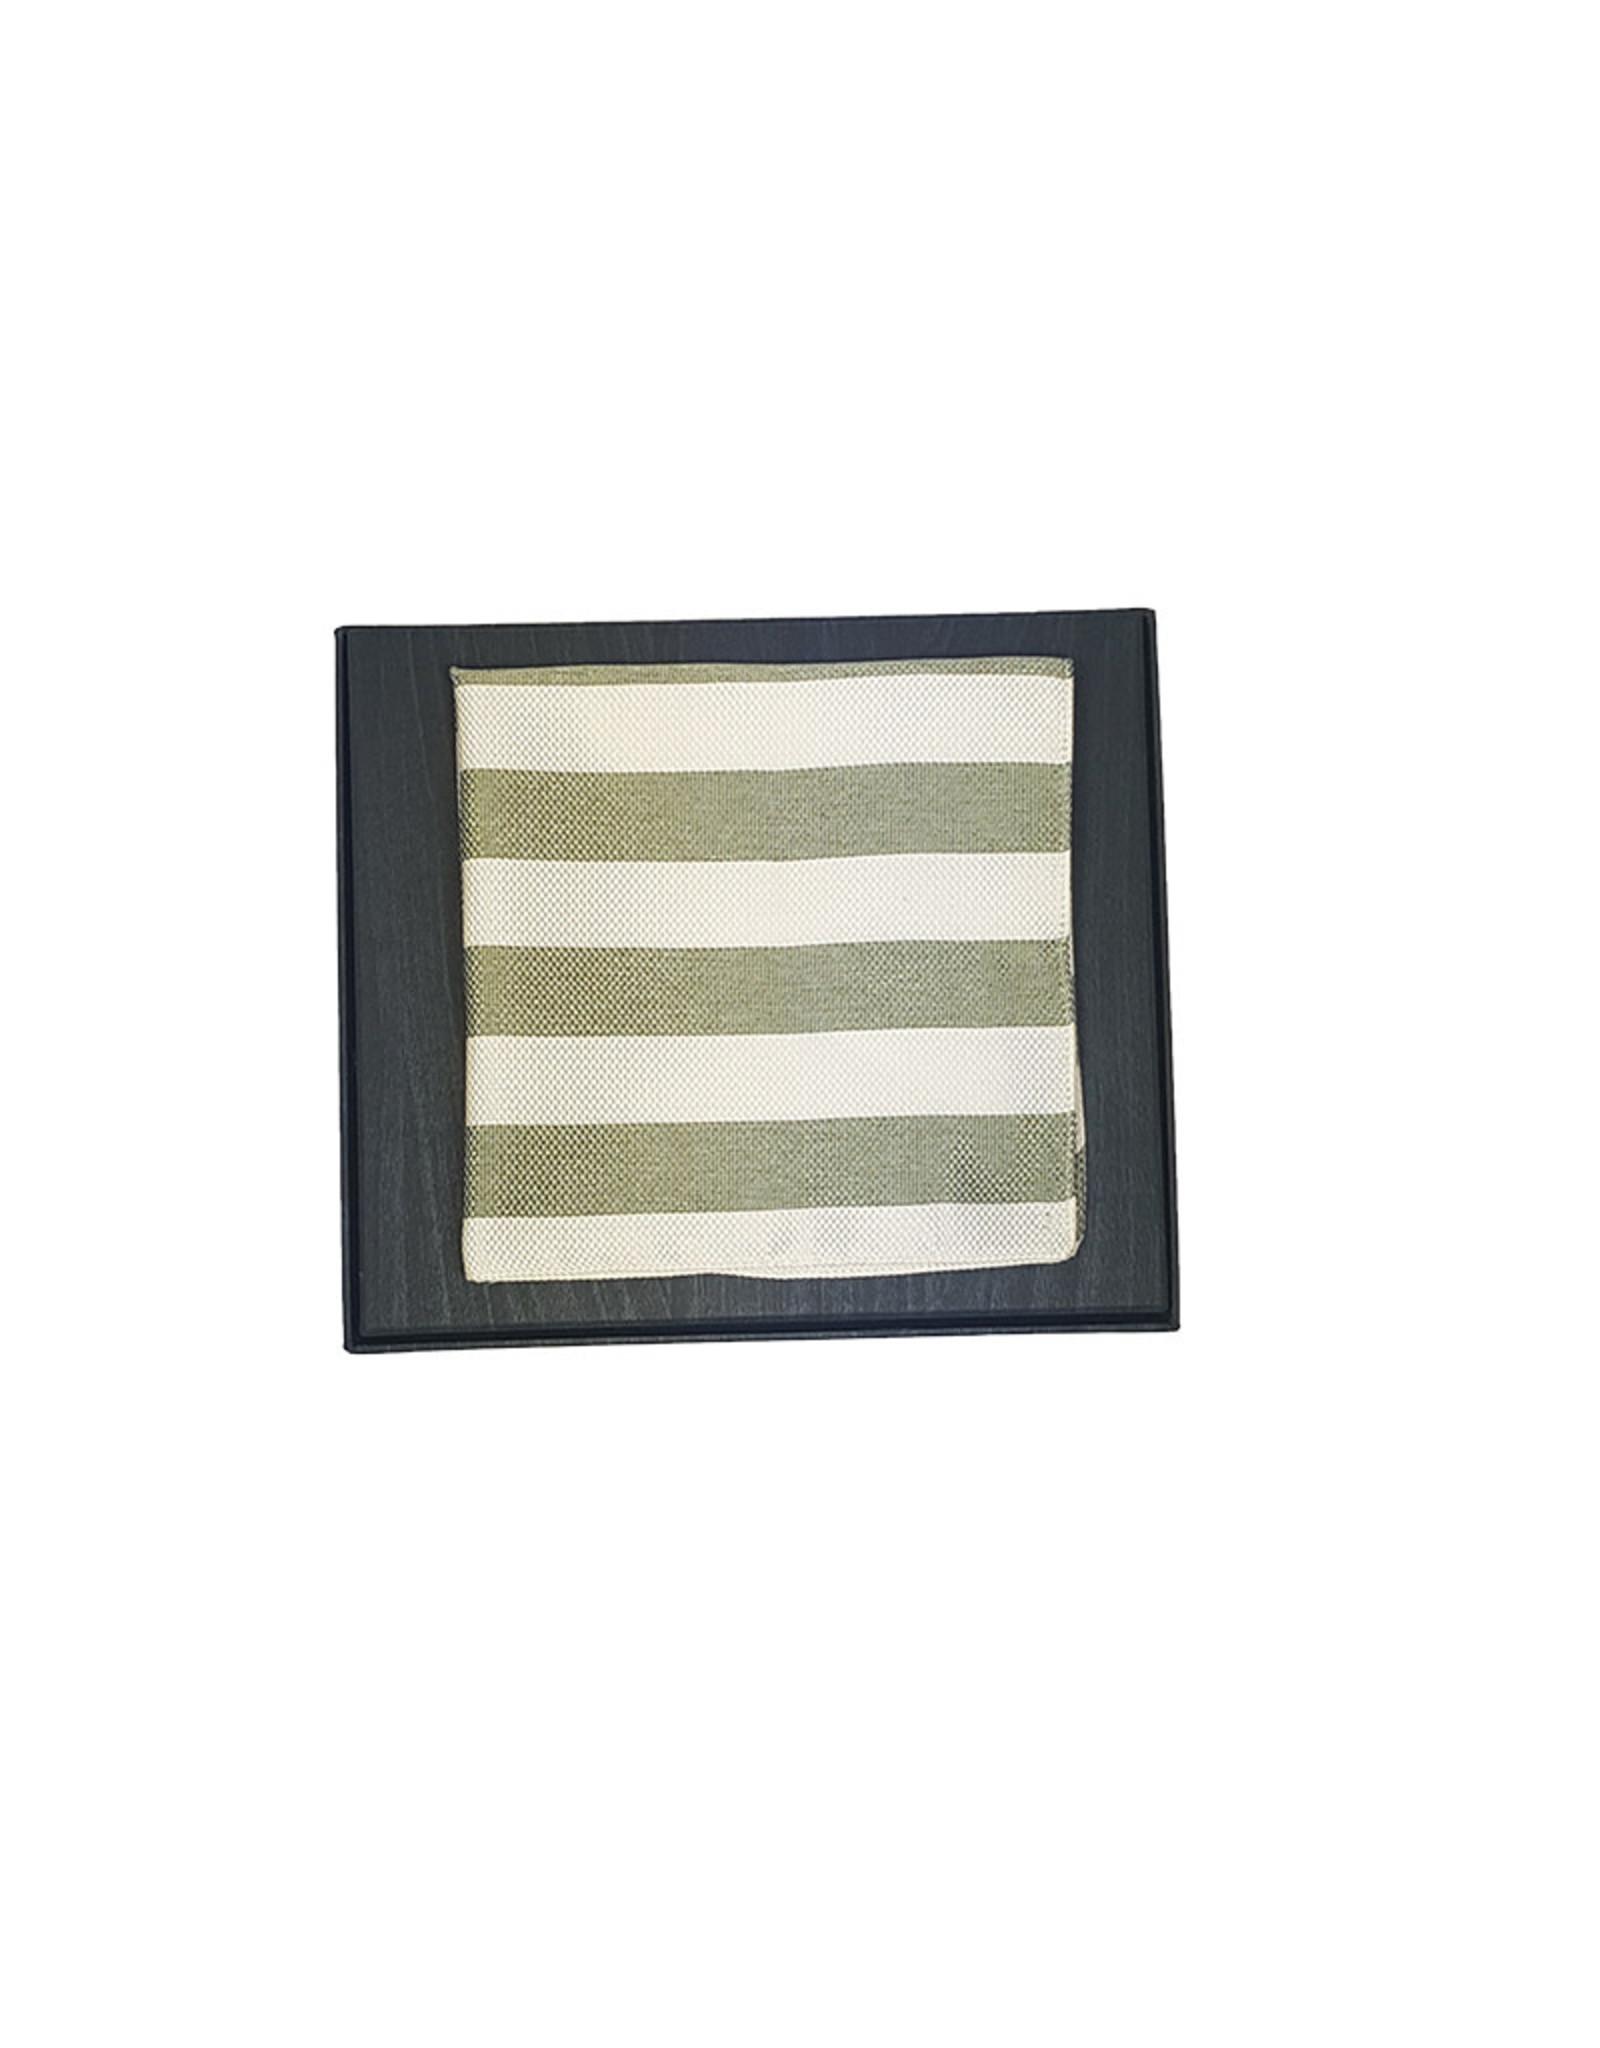 Hemley Sandmore's pochet groen 14297226